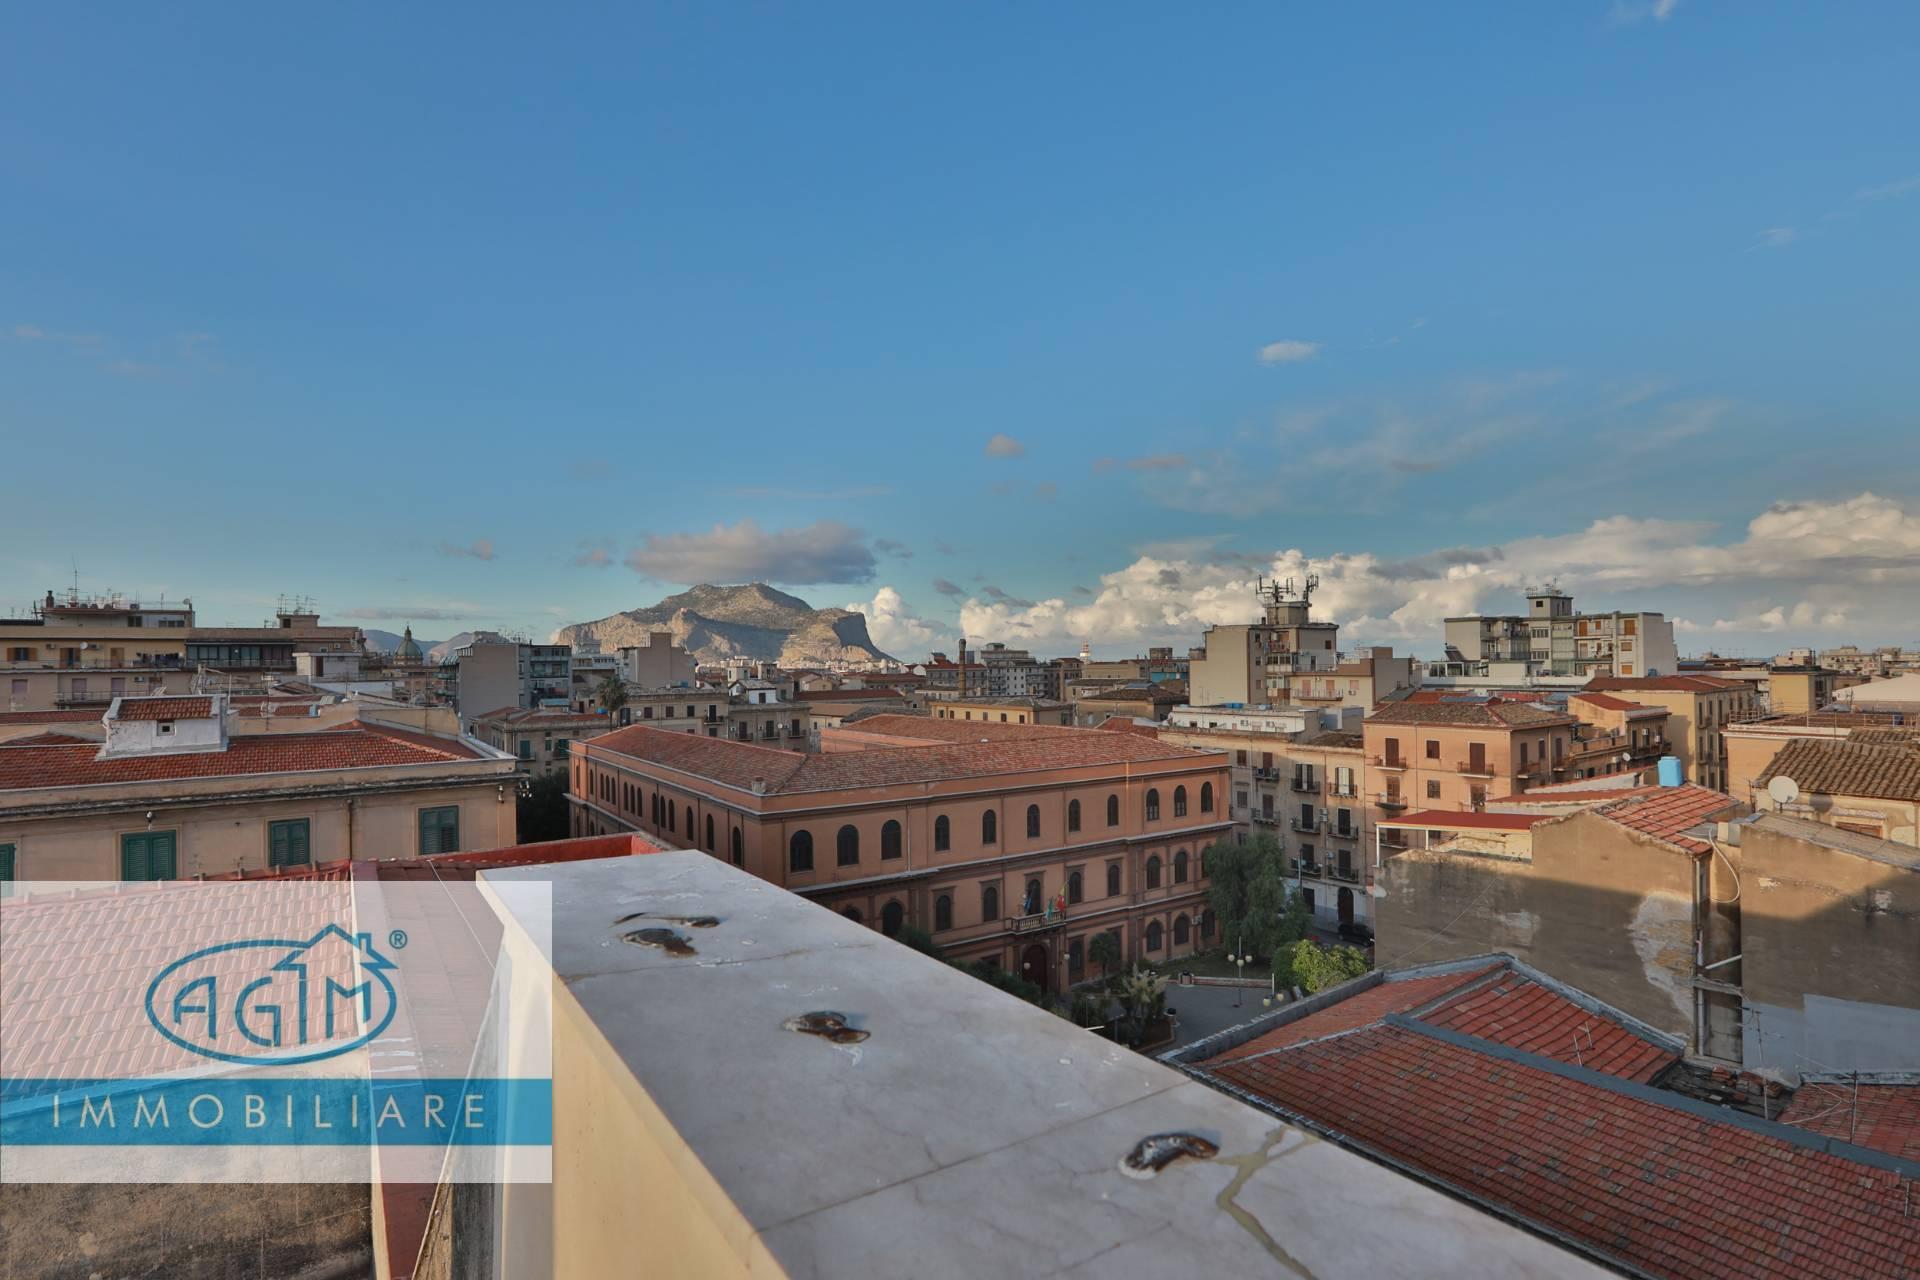 Attico / Mansarda in vendita a Palermo, 8 locali, prezzo € 200.000 | PortaleAgenzieImmobiliari.it